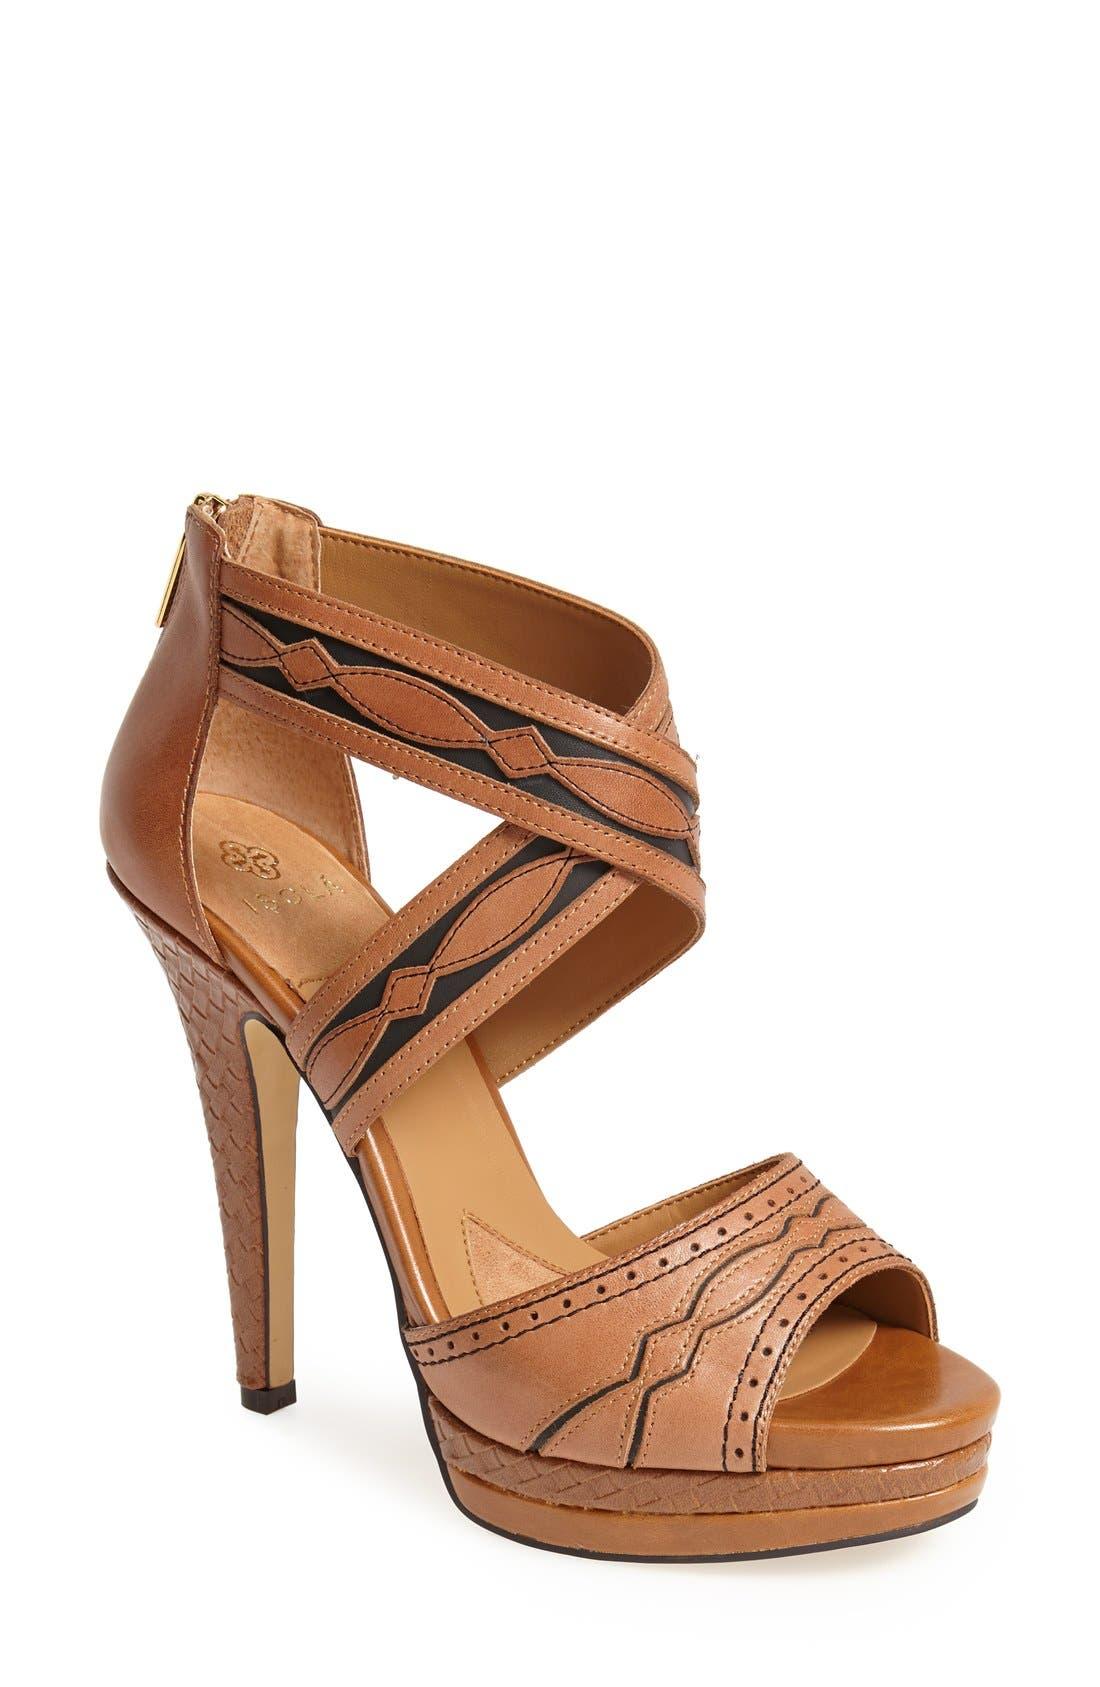 Alternate Image 1 Selected - Isolá 'Dallon' Platform Sandal (Women)